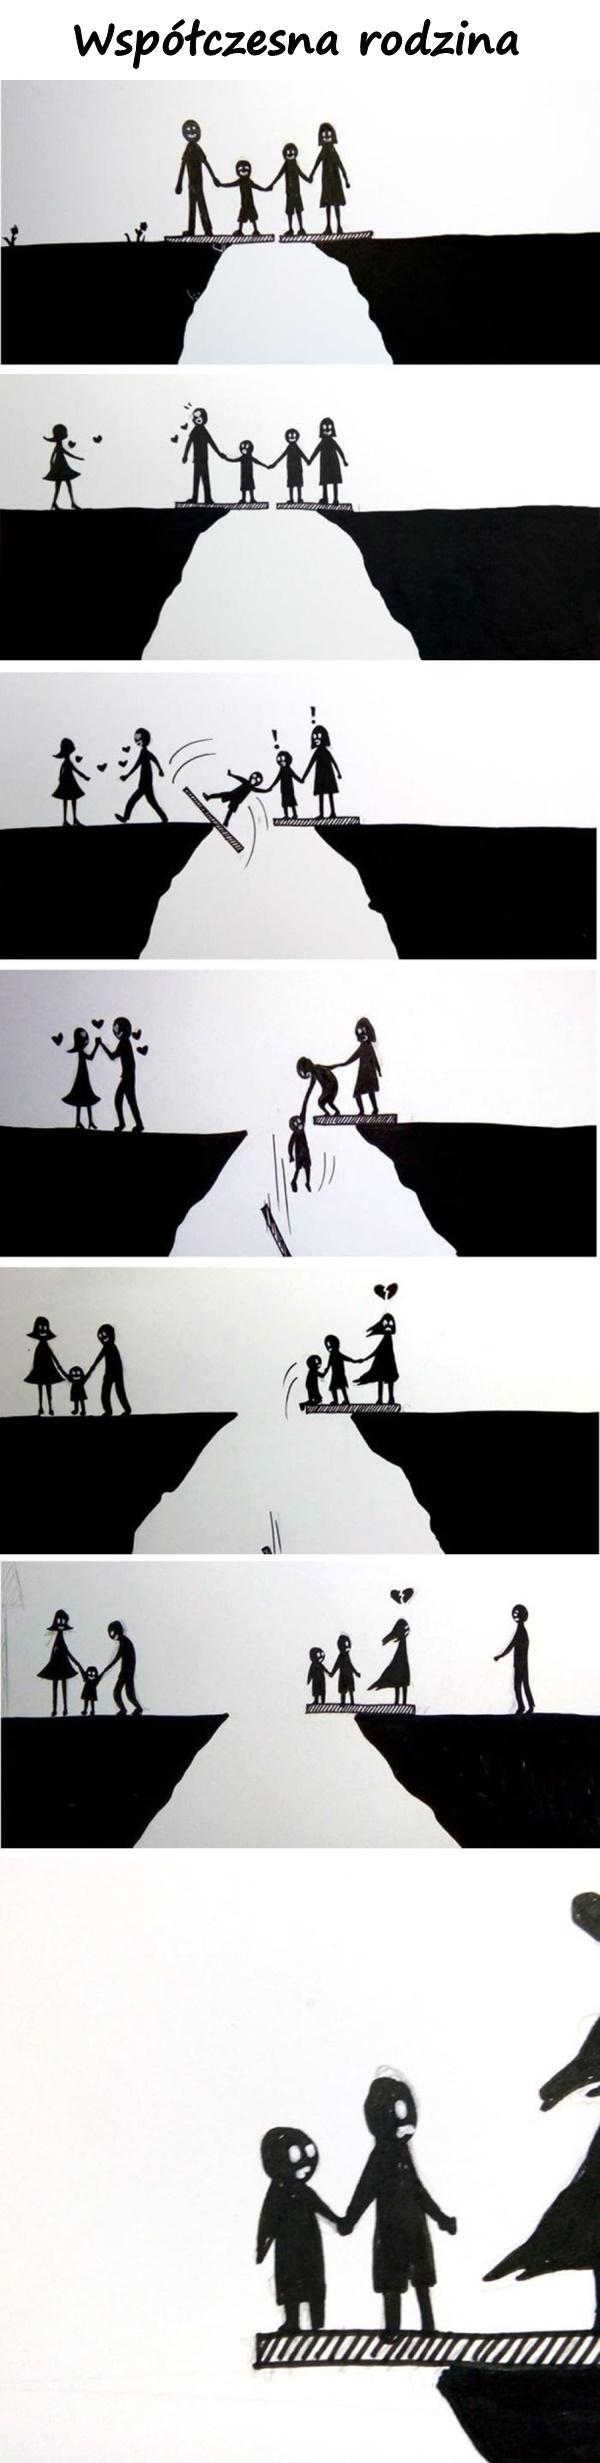 Współczesna rodzina